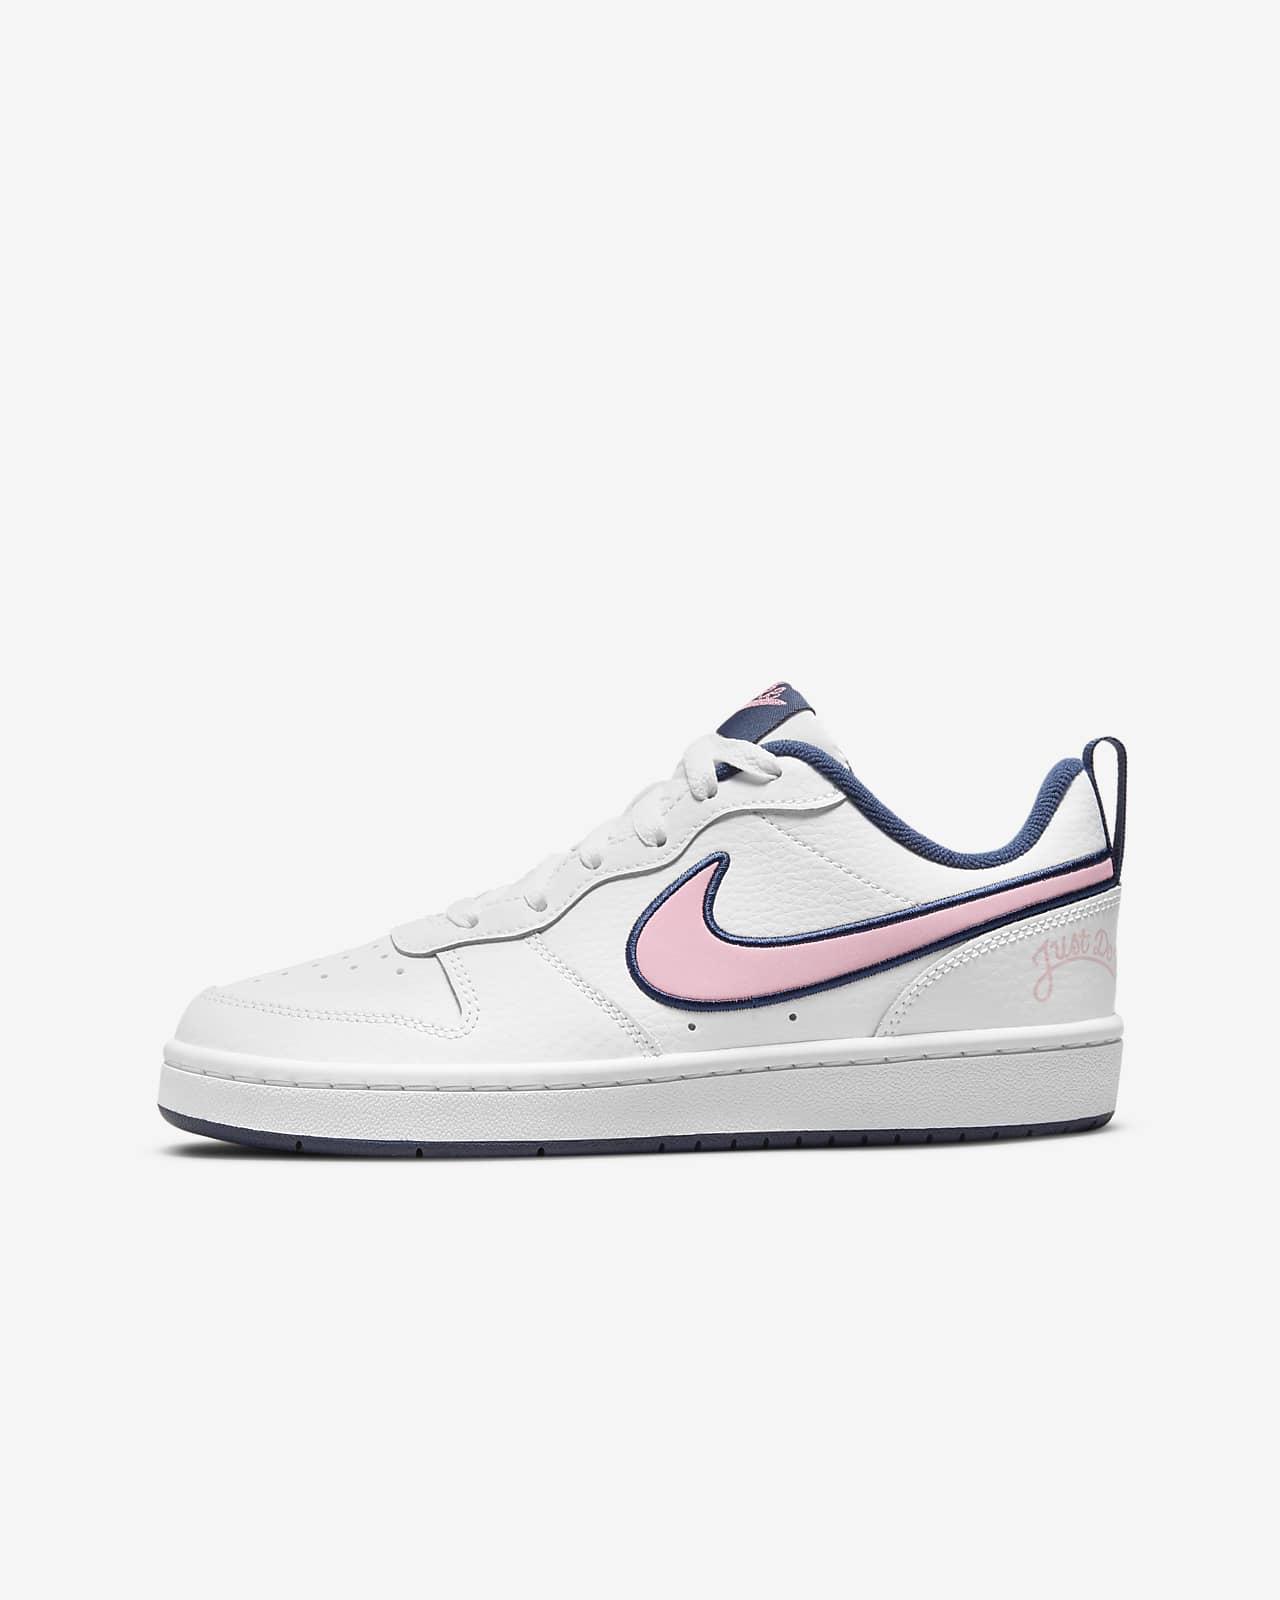 Nike Court Borough Low 2 SE1 (GS) 大童运动童鞋